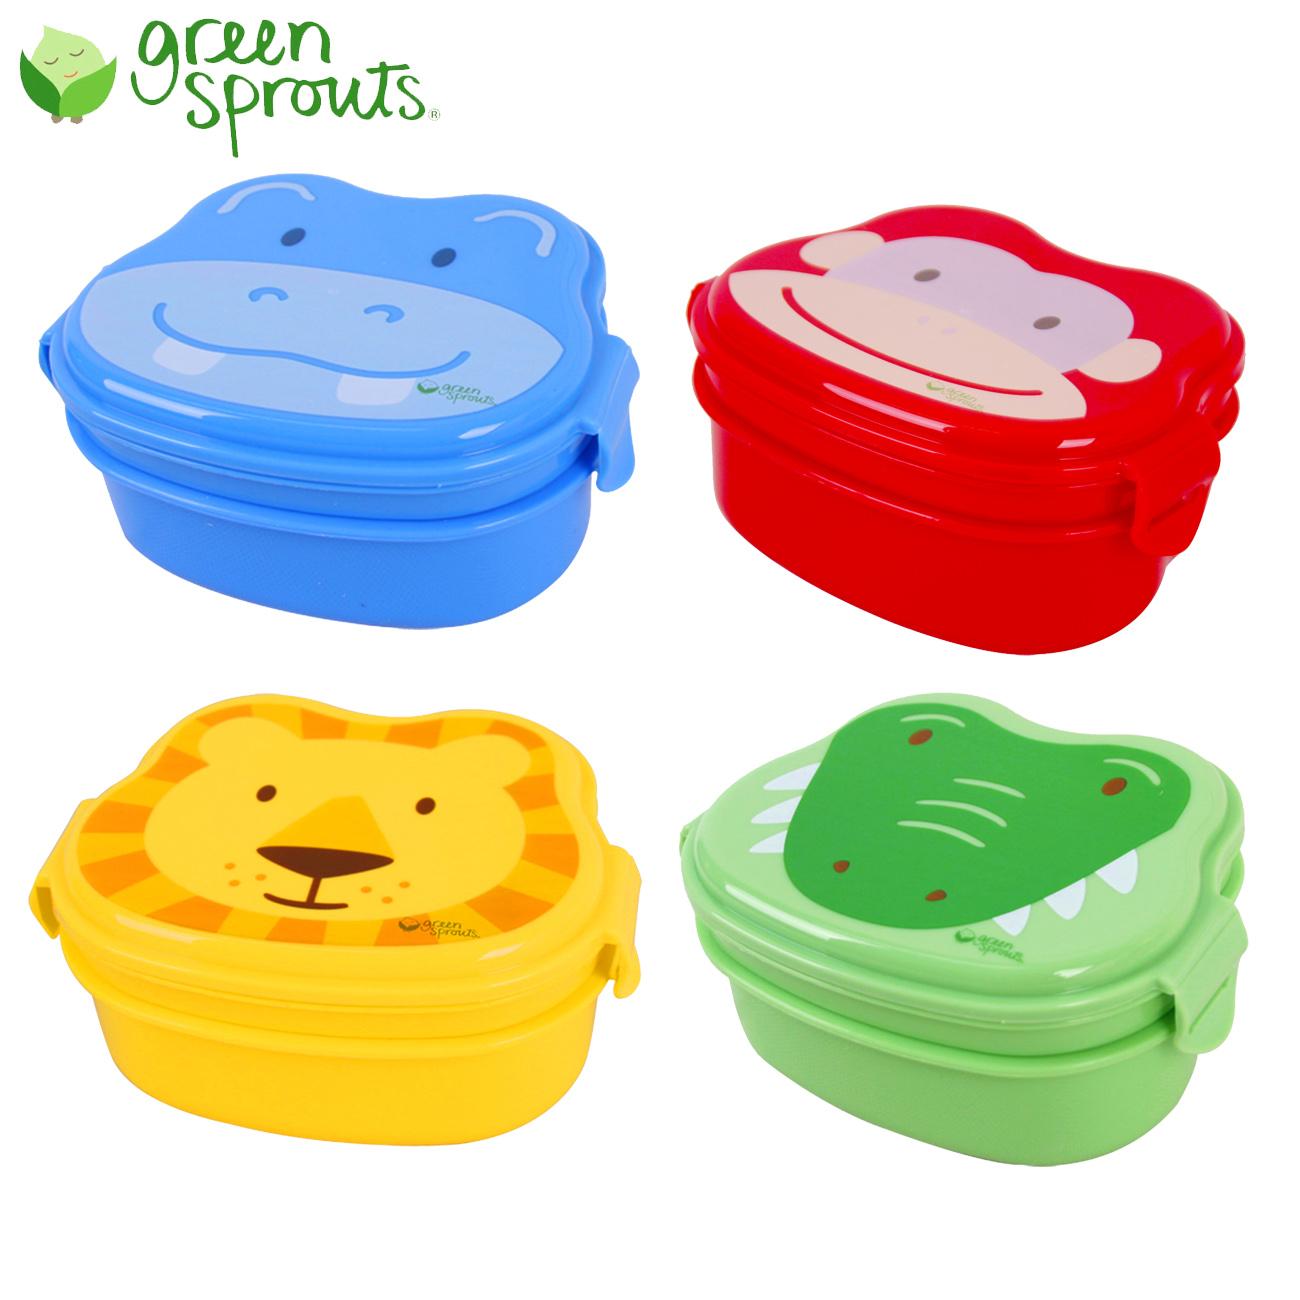 green sprouts 小绿芽 宝宝便携饭盒旅行餐盒出行儿童